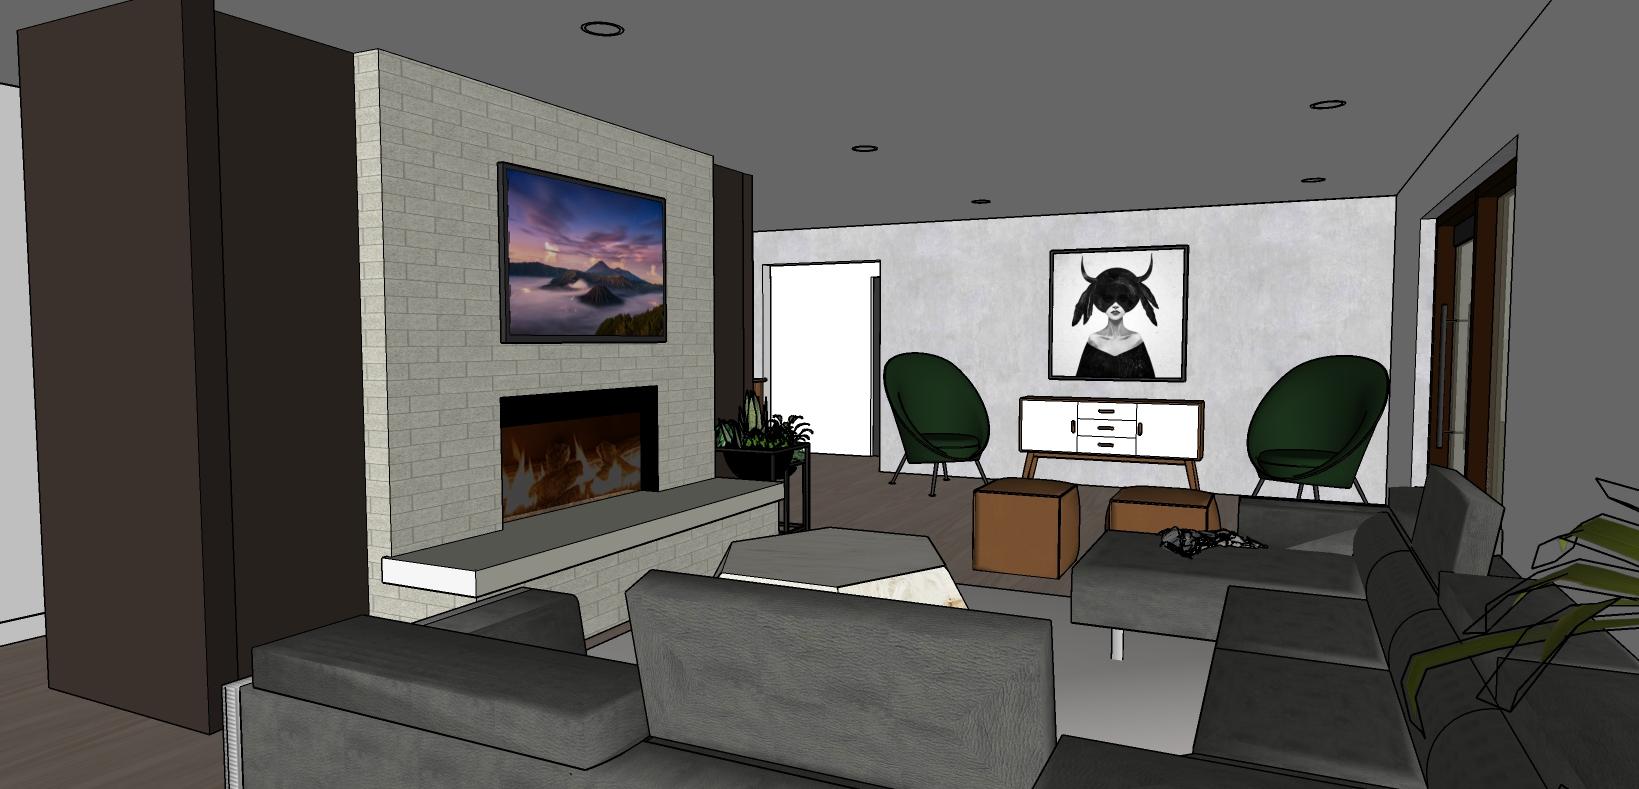 Midcentury Modern Remodel Family Room 2.jpg